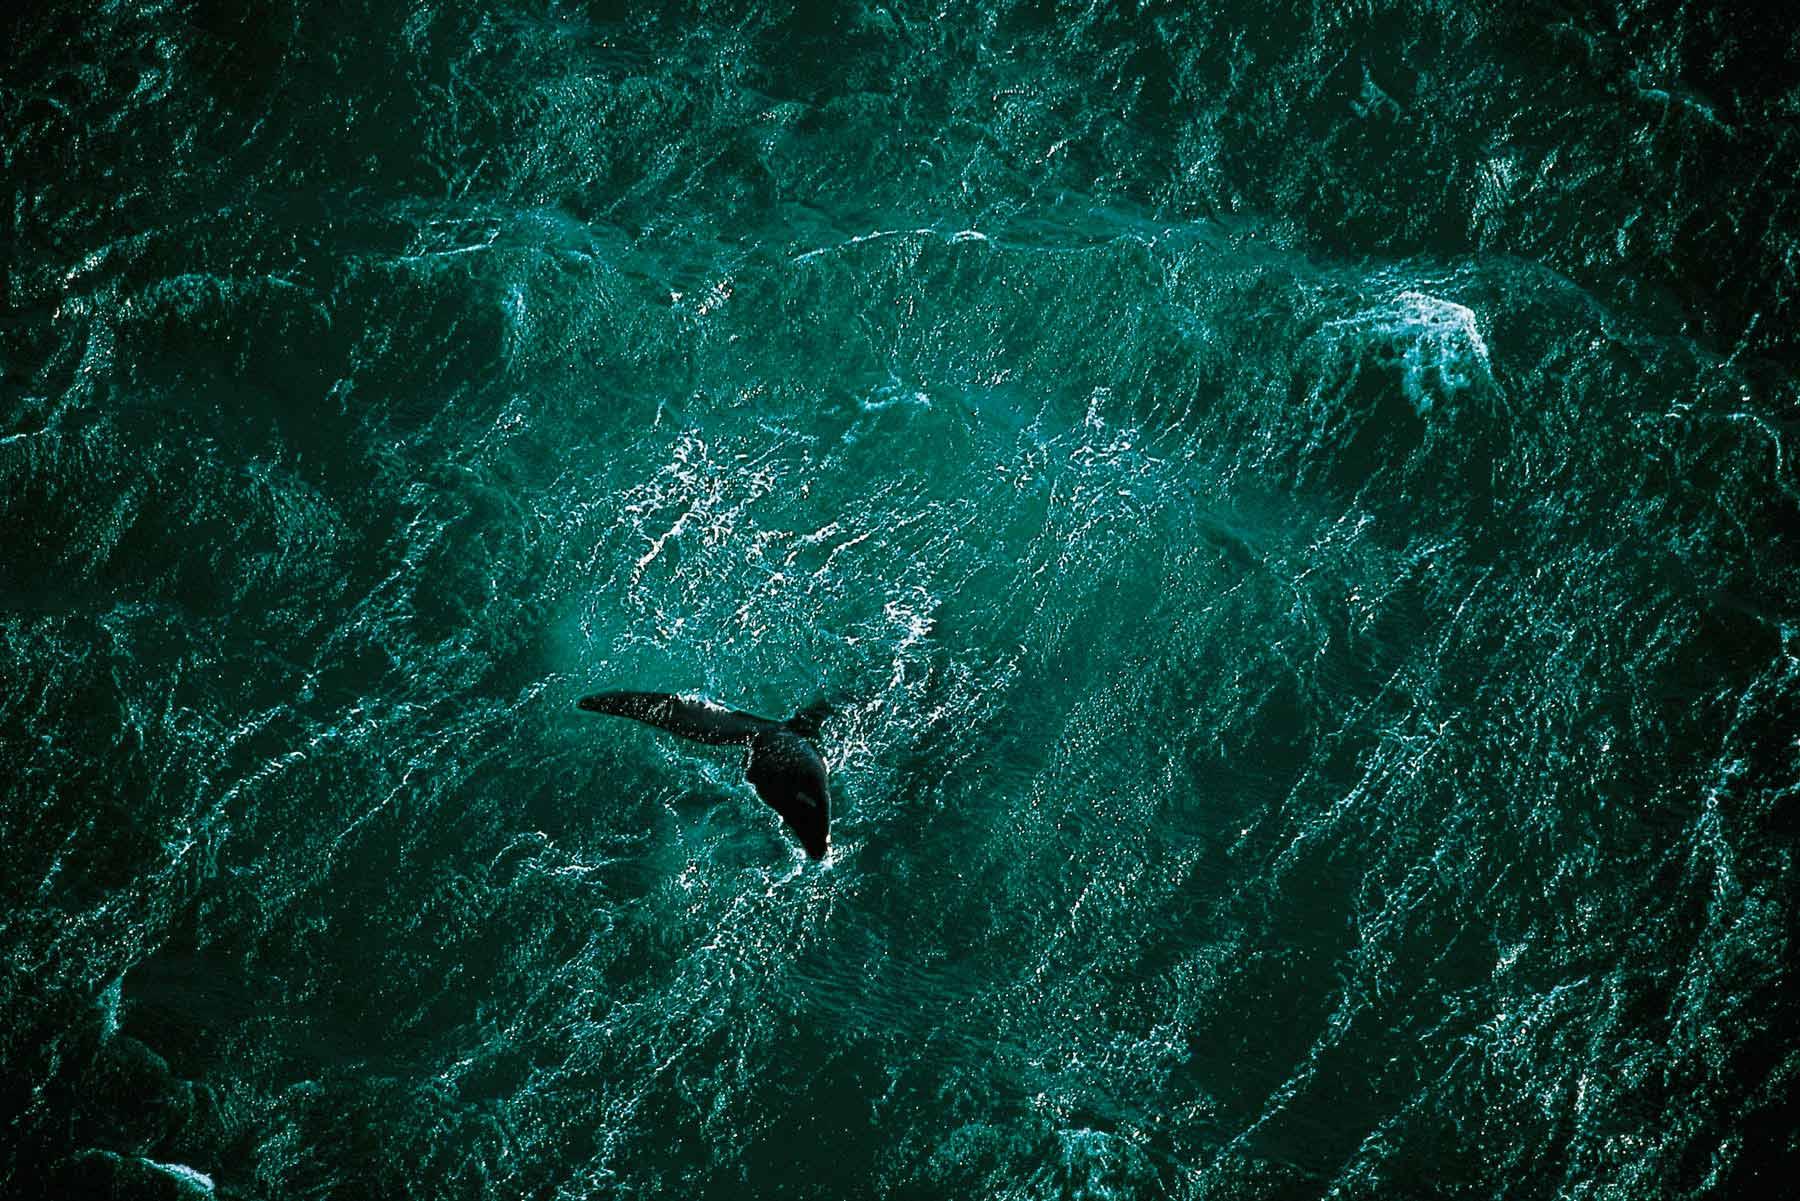 Whale - Yann Arthus-Bertrand